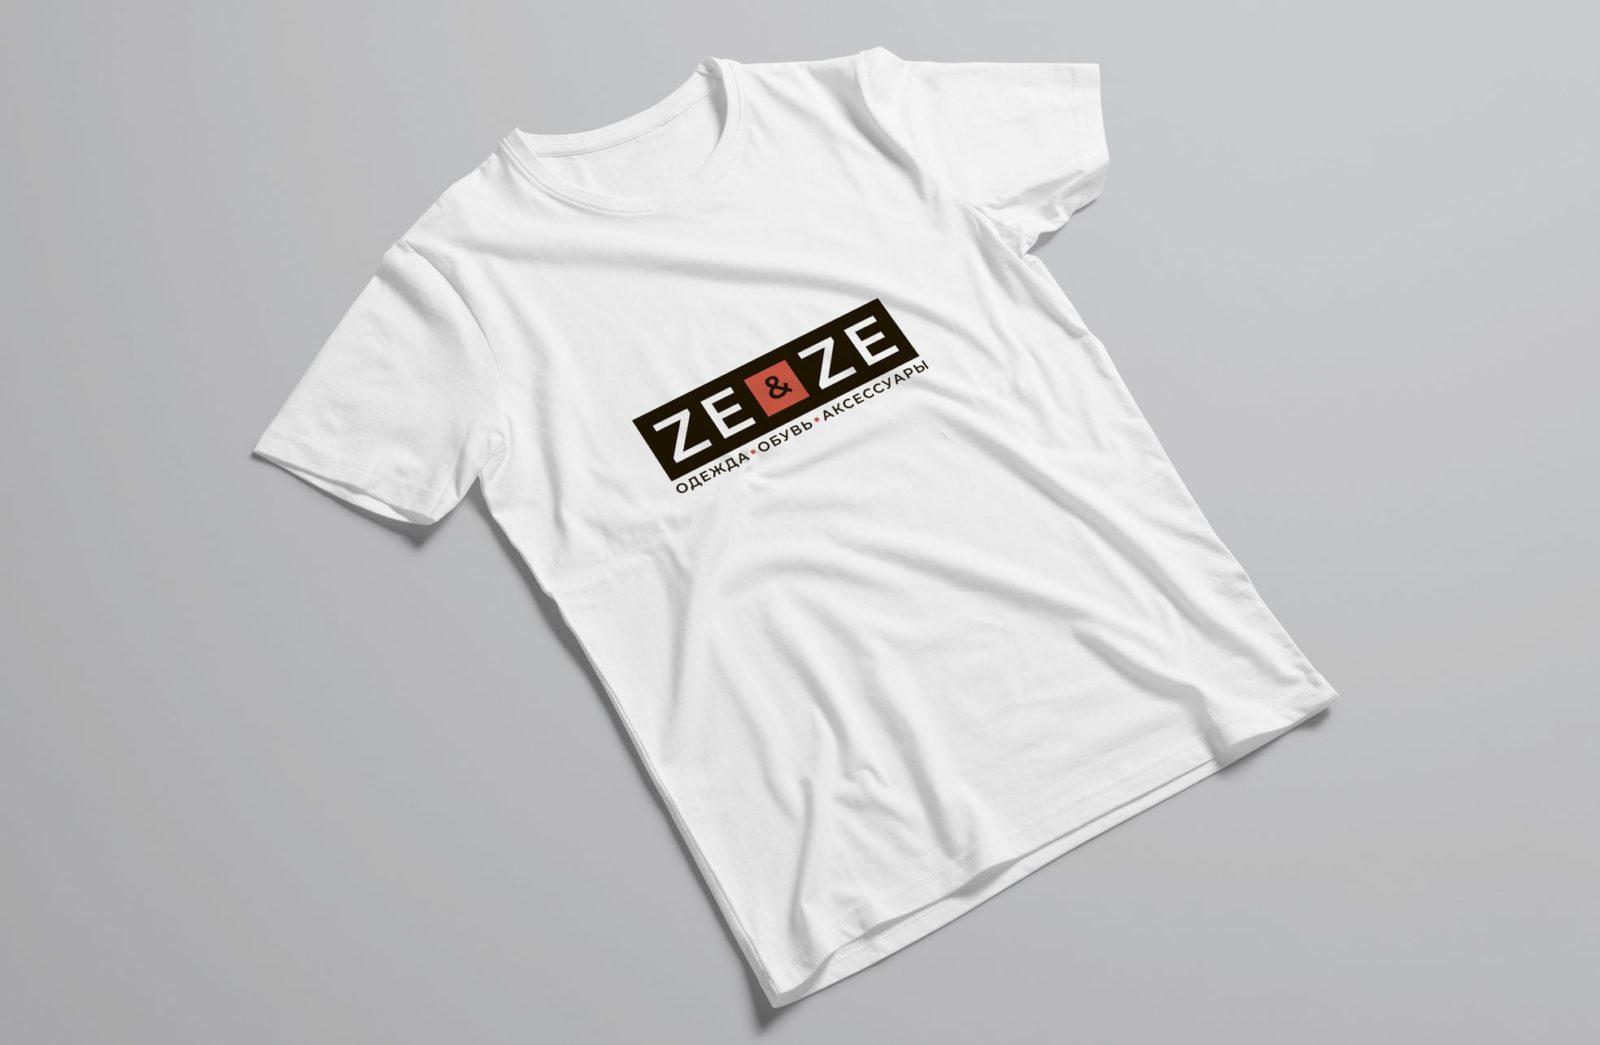 Логотип для магазина одежды на футболке 2